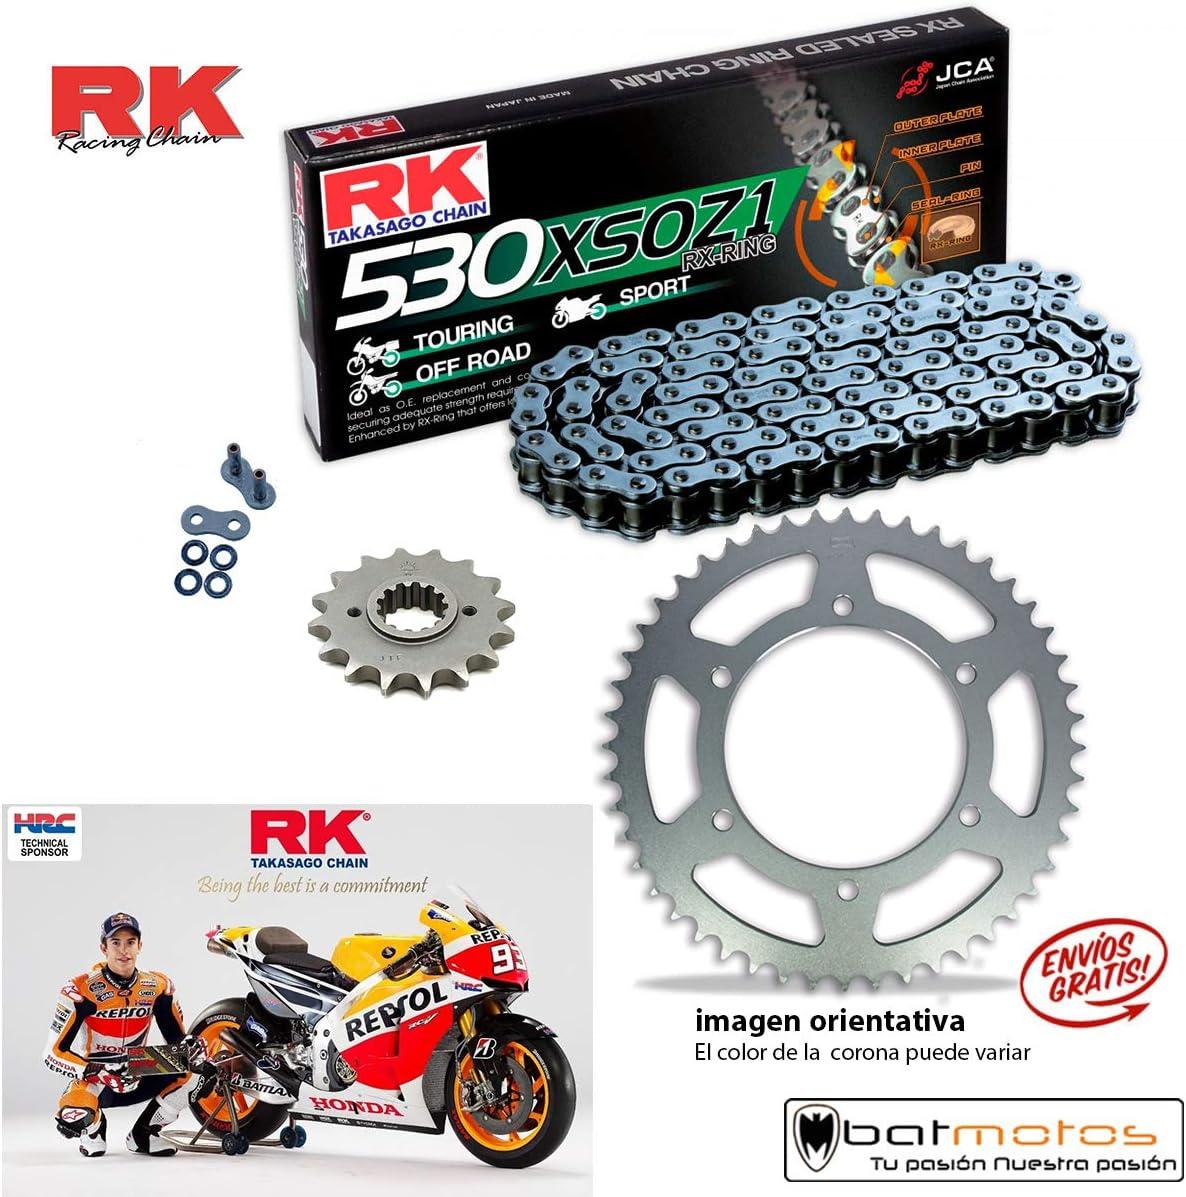 Kit de Transmision RK Yamaha YZF-R6 600 2003-2005 15/48-116